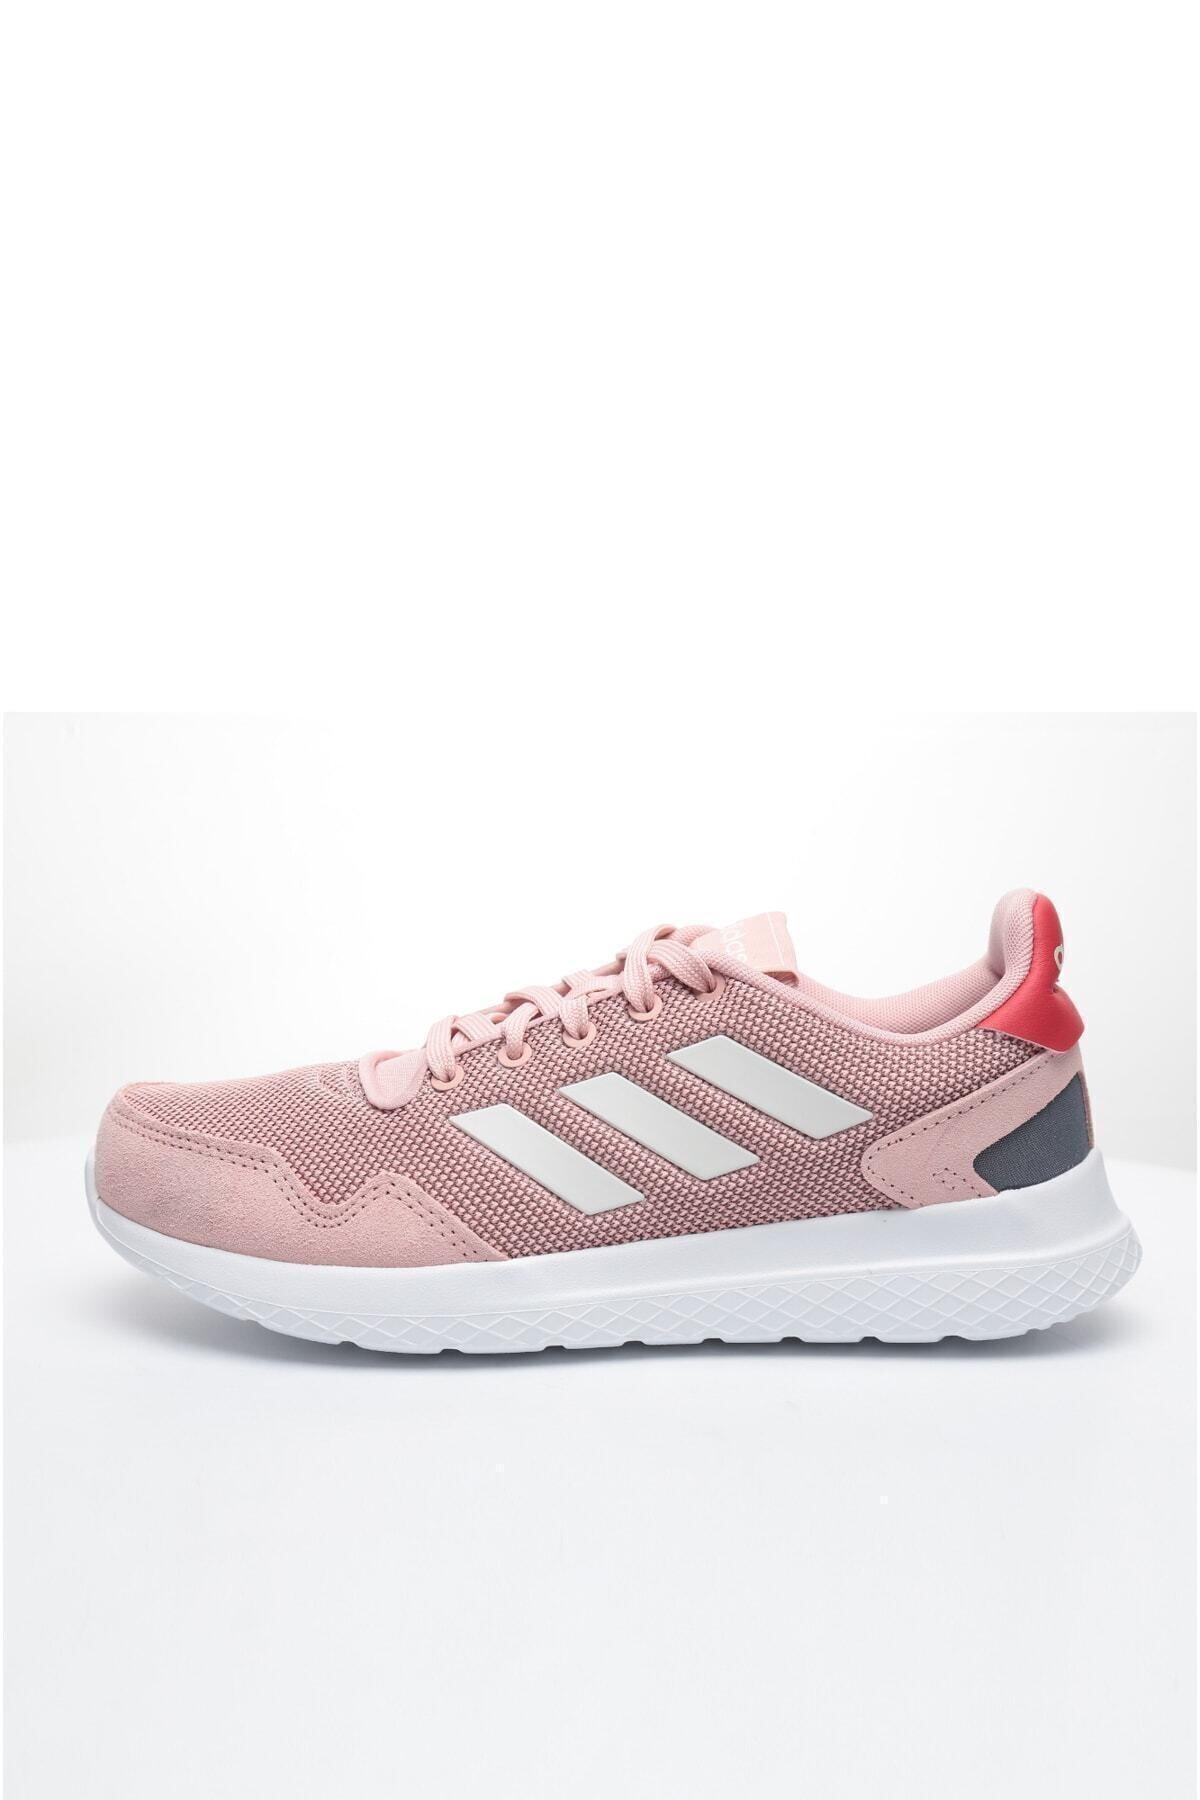 adidas ARCHIVO Pembe Kadın Koşu Ayakkabısı 100531383 1